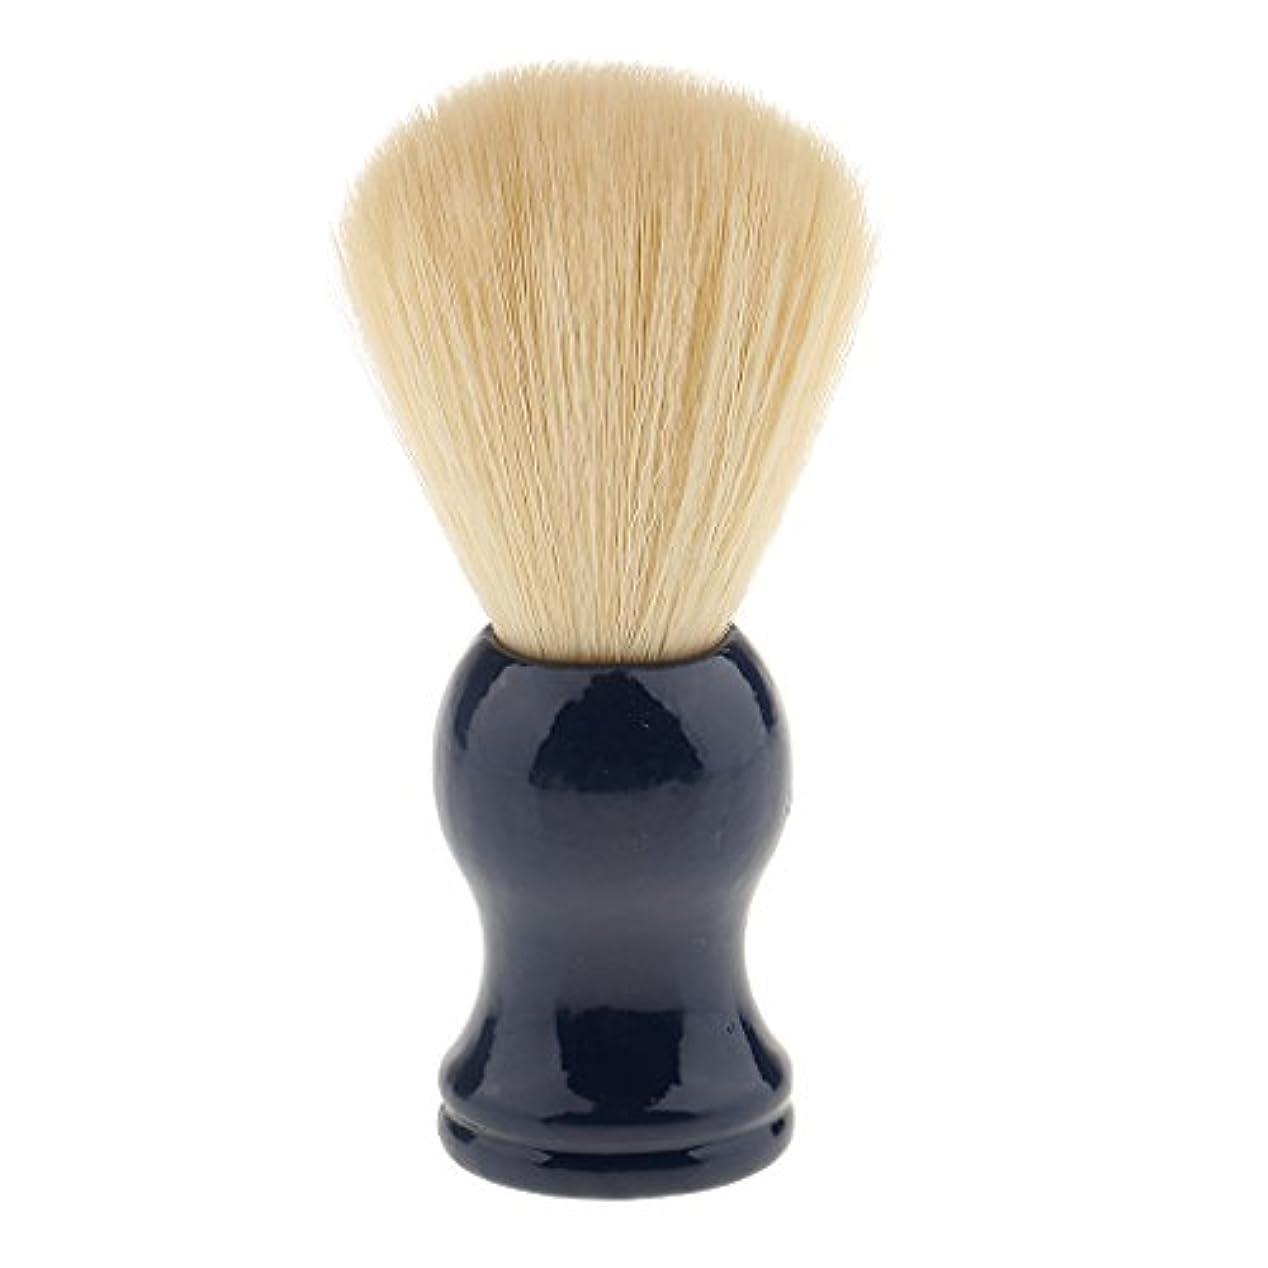 感謝する放射性柔らかさナイロン ひげブラシ シェービング ブラシ 髭 泡立て 散髪整理 理髪用 サロン 快適 美容院